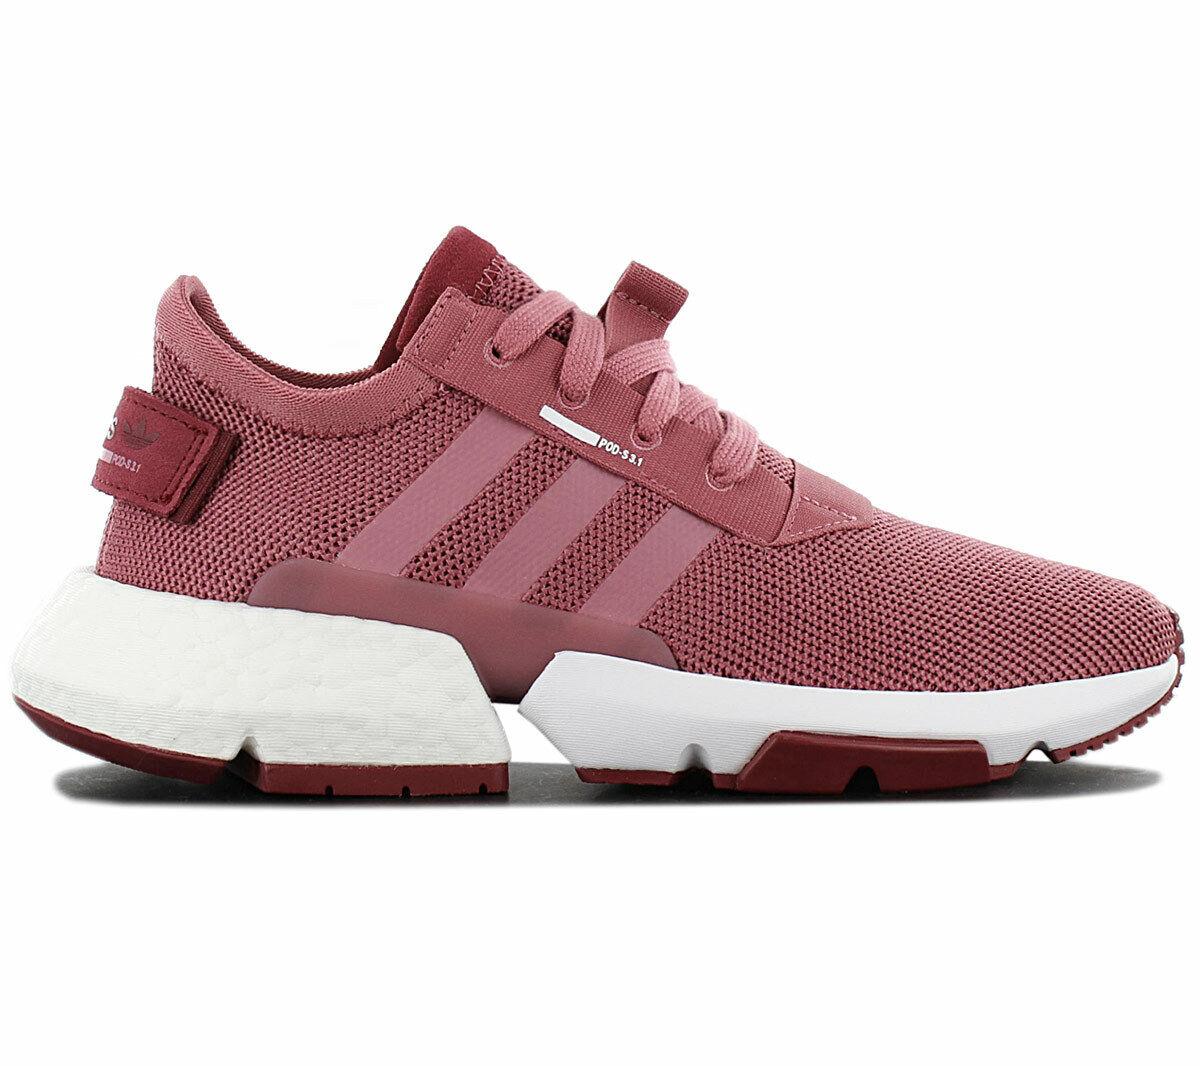 Adidas Originals POD-S3.1 Boost Damen Turnschuhe B37447 Rot Schuhe Sportschuhe NEU